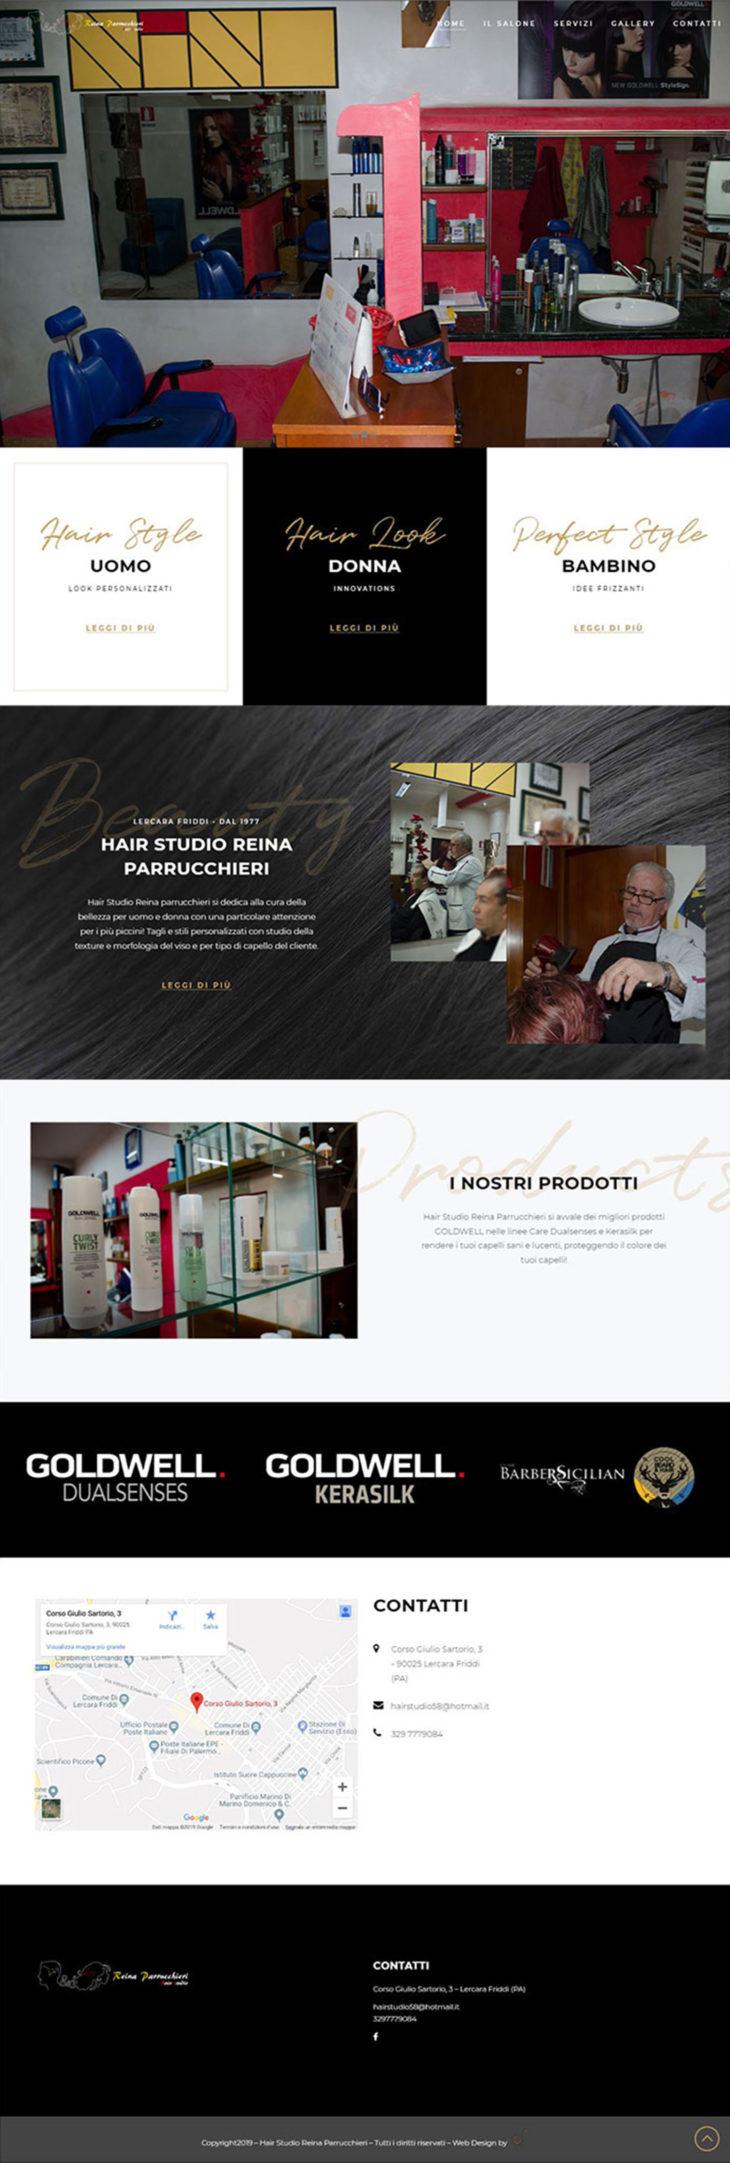 Hair studio Reina parrucchieri